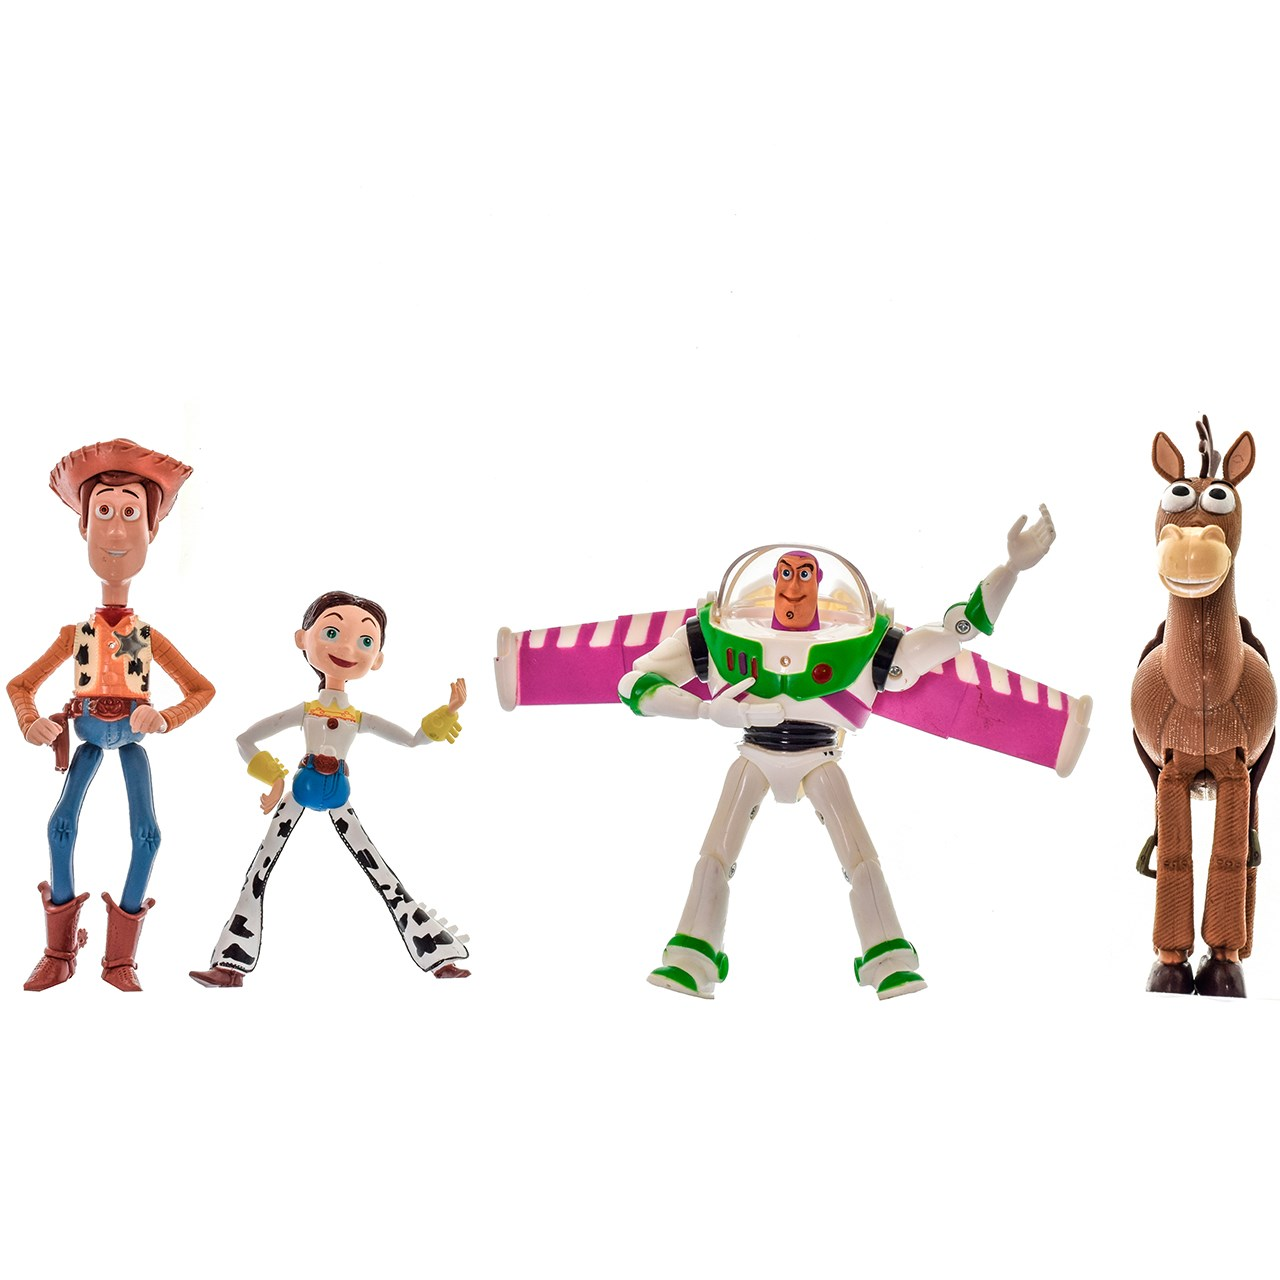 اکشن فیگور آناترا مدل Toy Story بسته 4 عددی